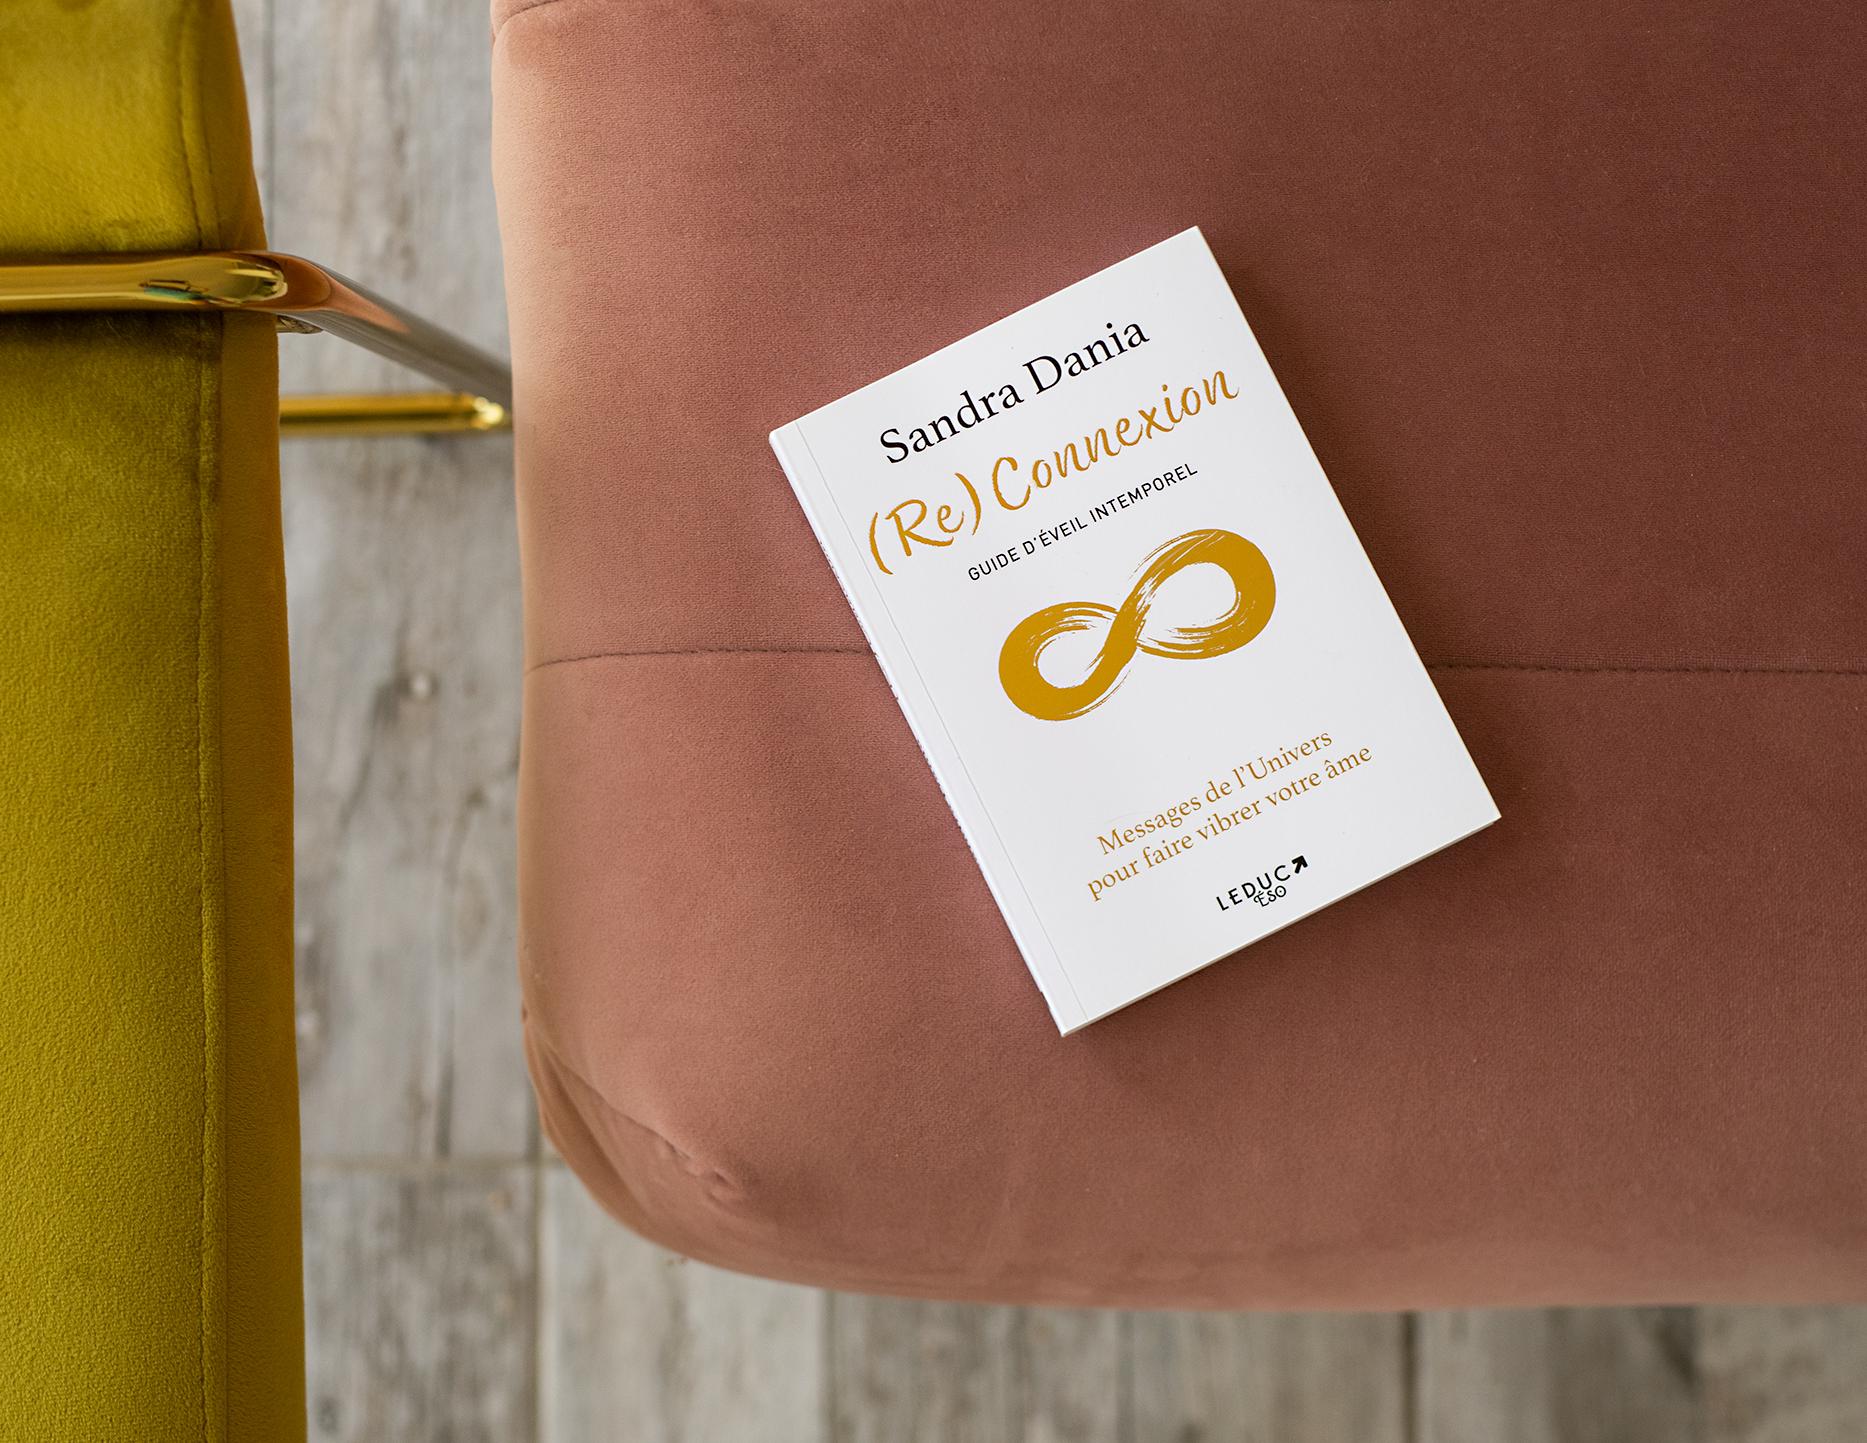 photo,  (Re)Connexion, lecture, livre, Sandra Dania, éditions Leduc, Leduc Eso, ésotérisme, guide d'éveil